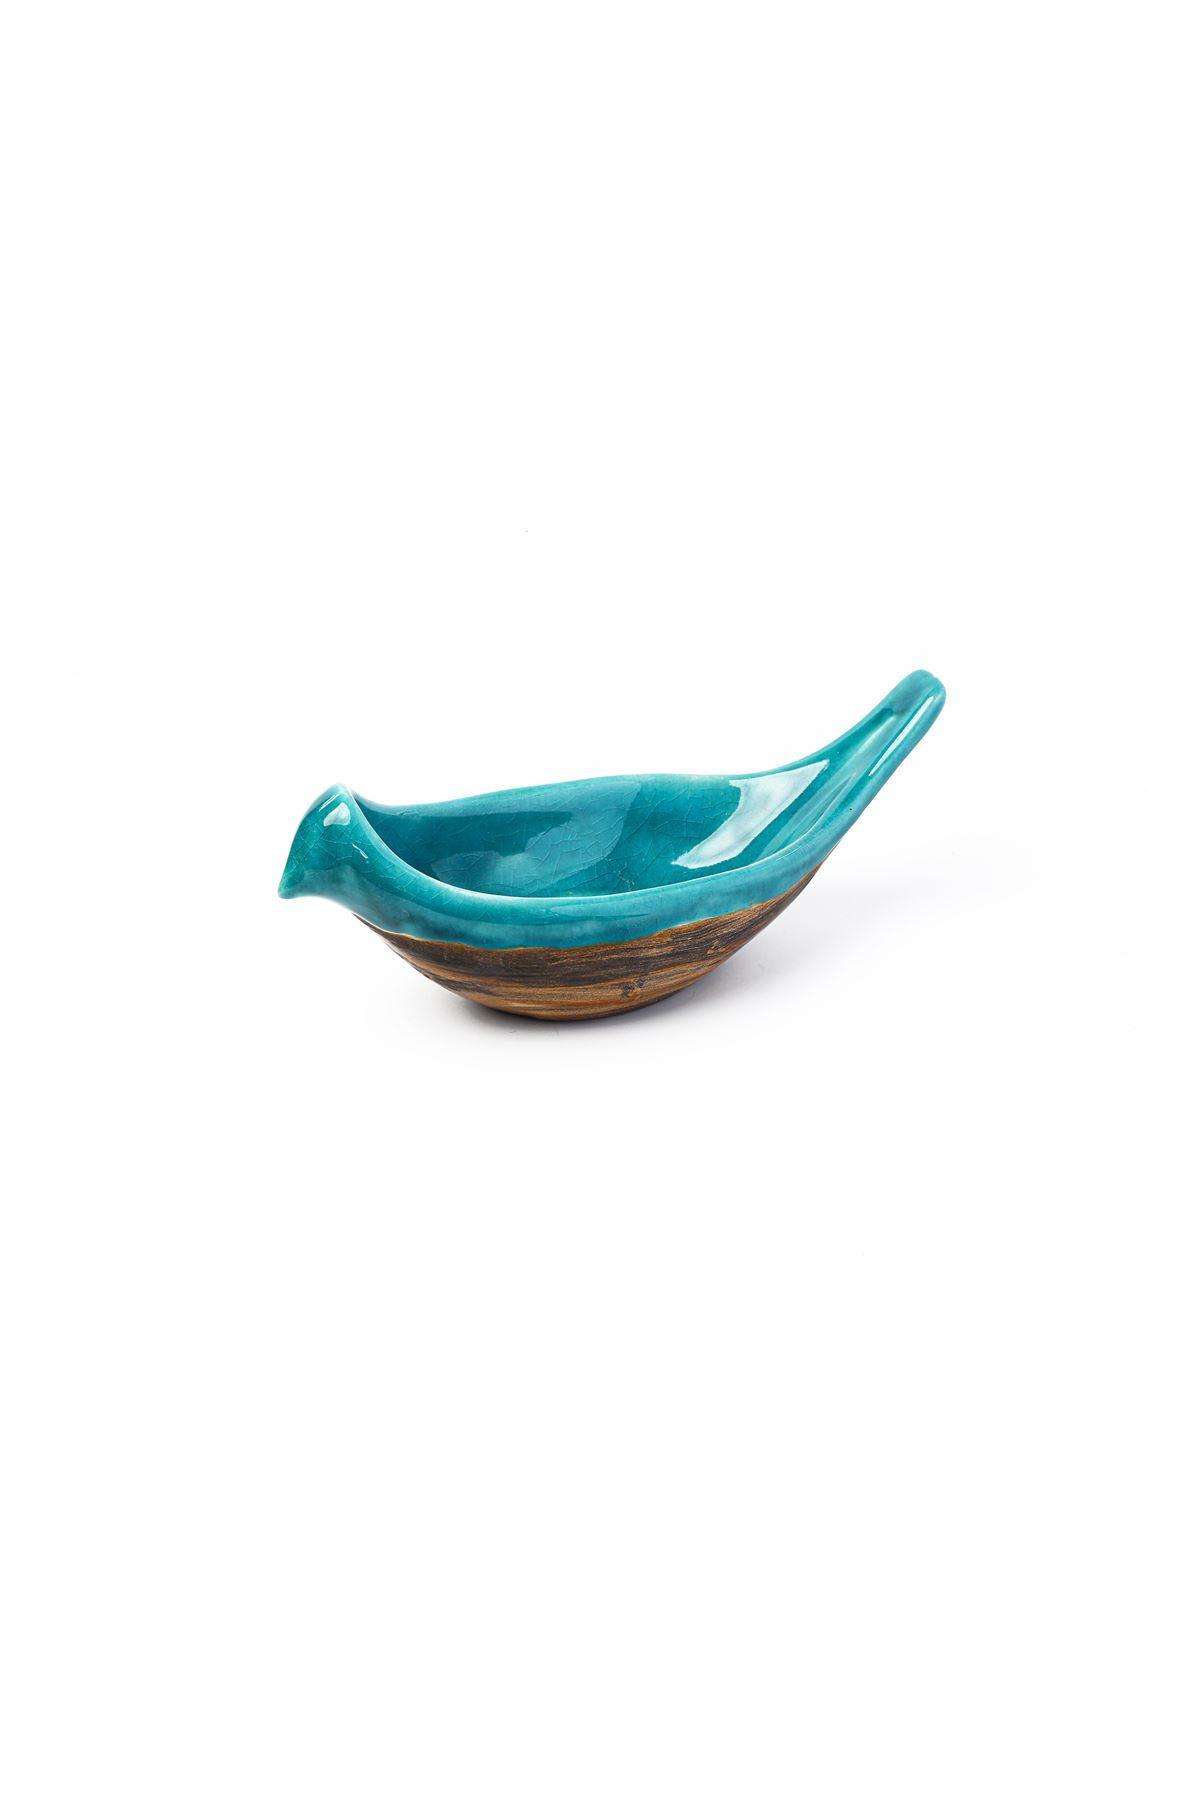 Seramık Kuş Çerezlik Büyük Eskitme İki Renk Mavı Kahve Tuval Hedıyelık